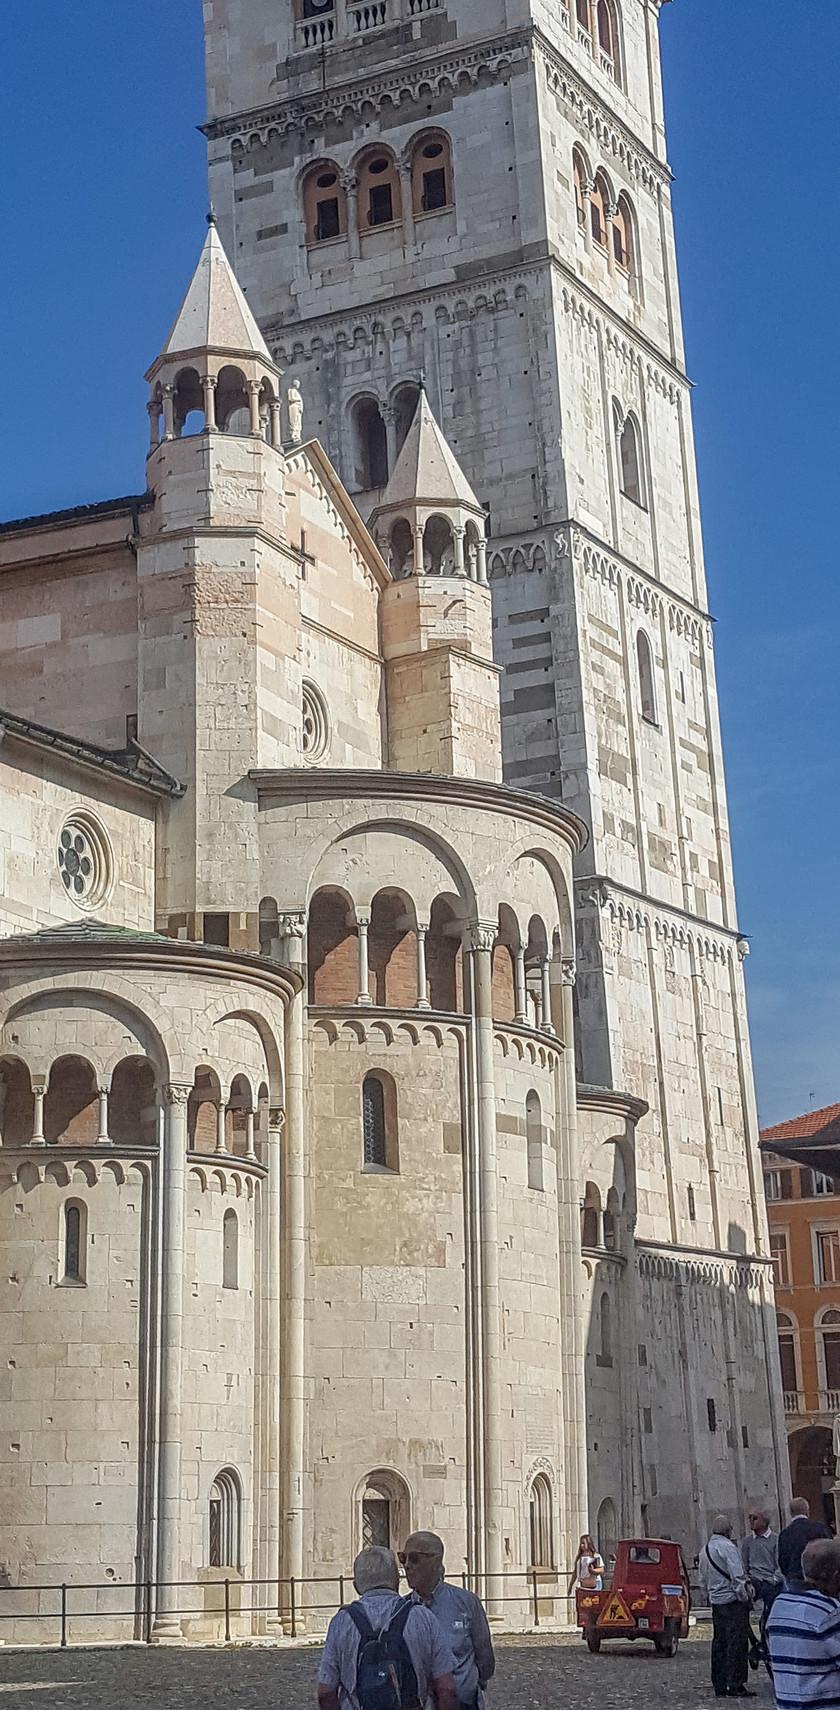 Le Duomo de Modena